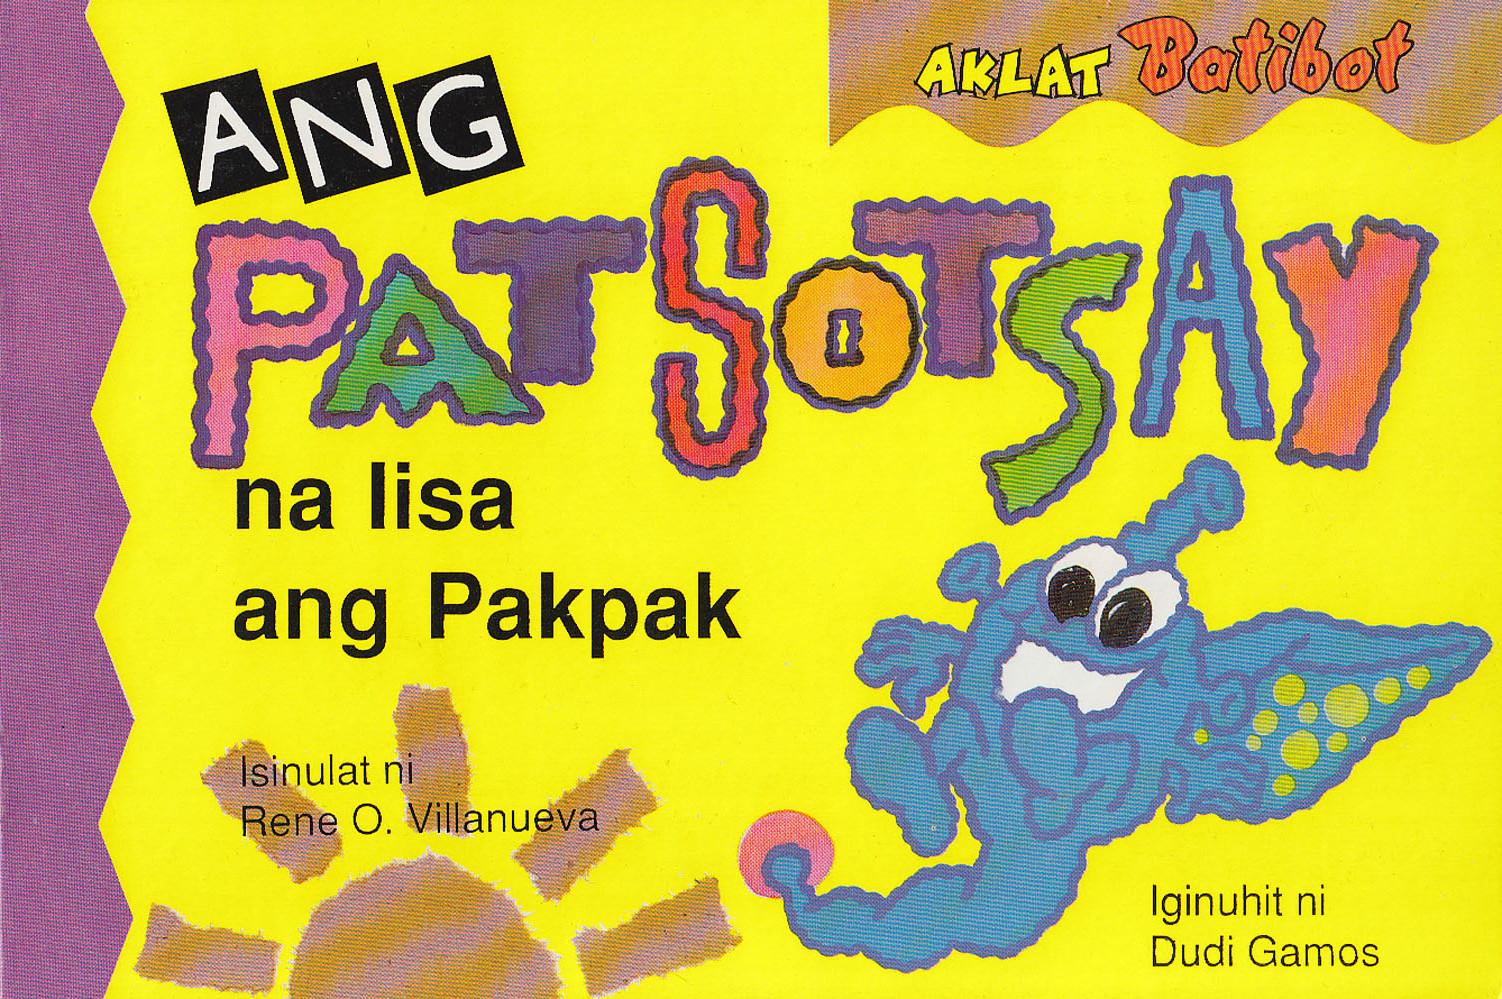 Ang patsotsay na iisa ang pakpak